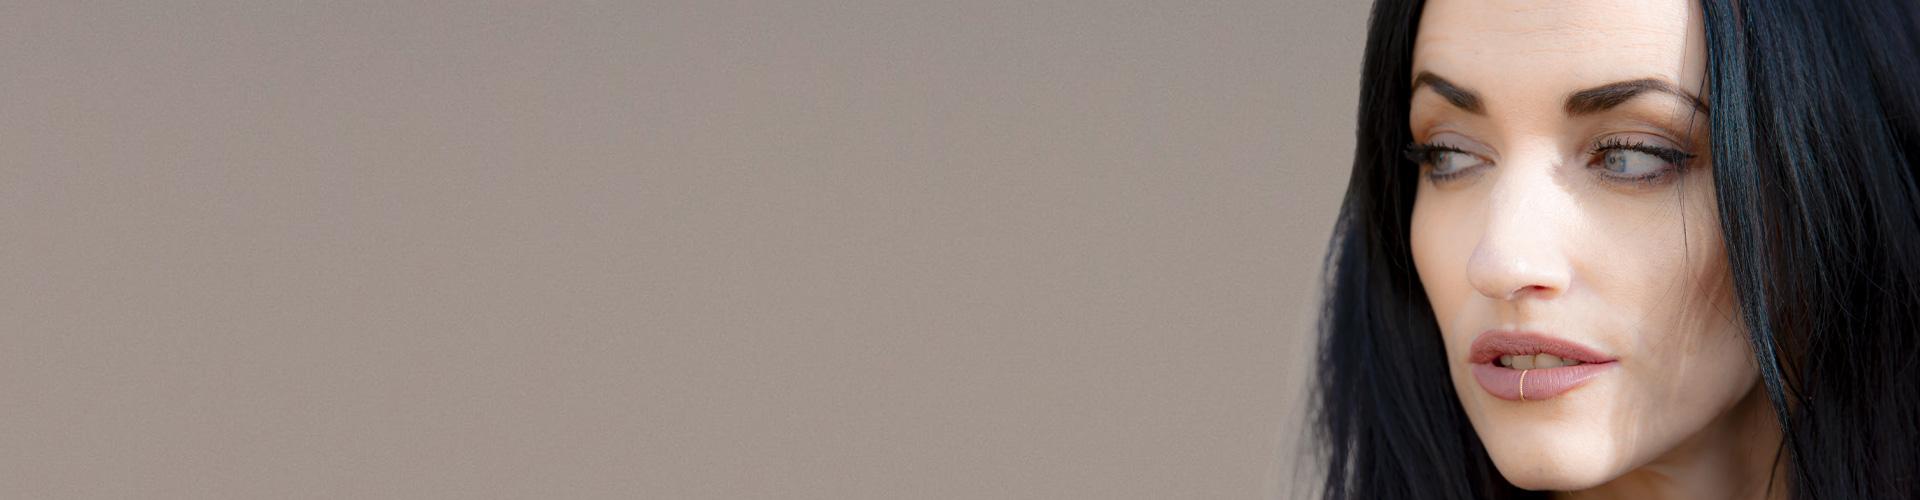 Bijoux Labret | Popart Piercing